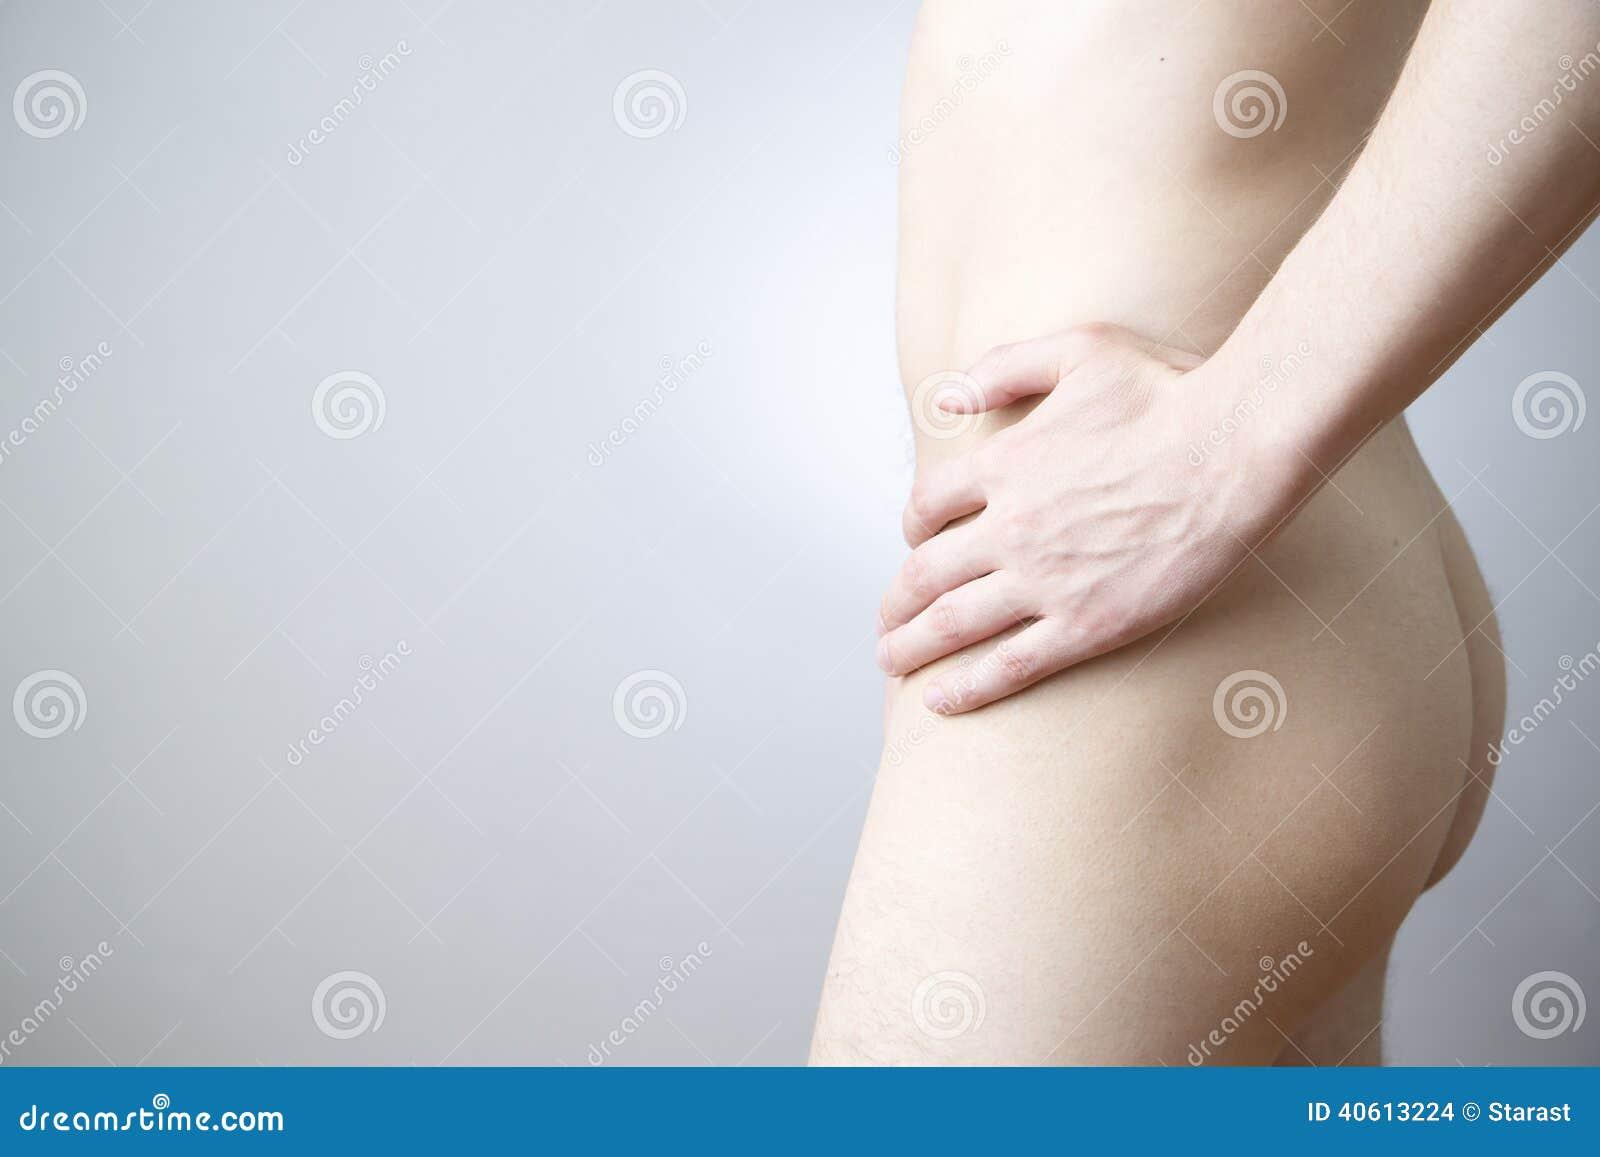 Douleur avec le sexe dans le côté gauche